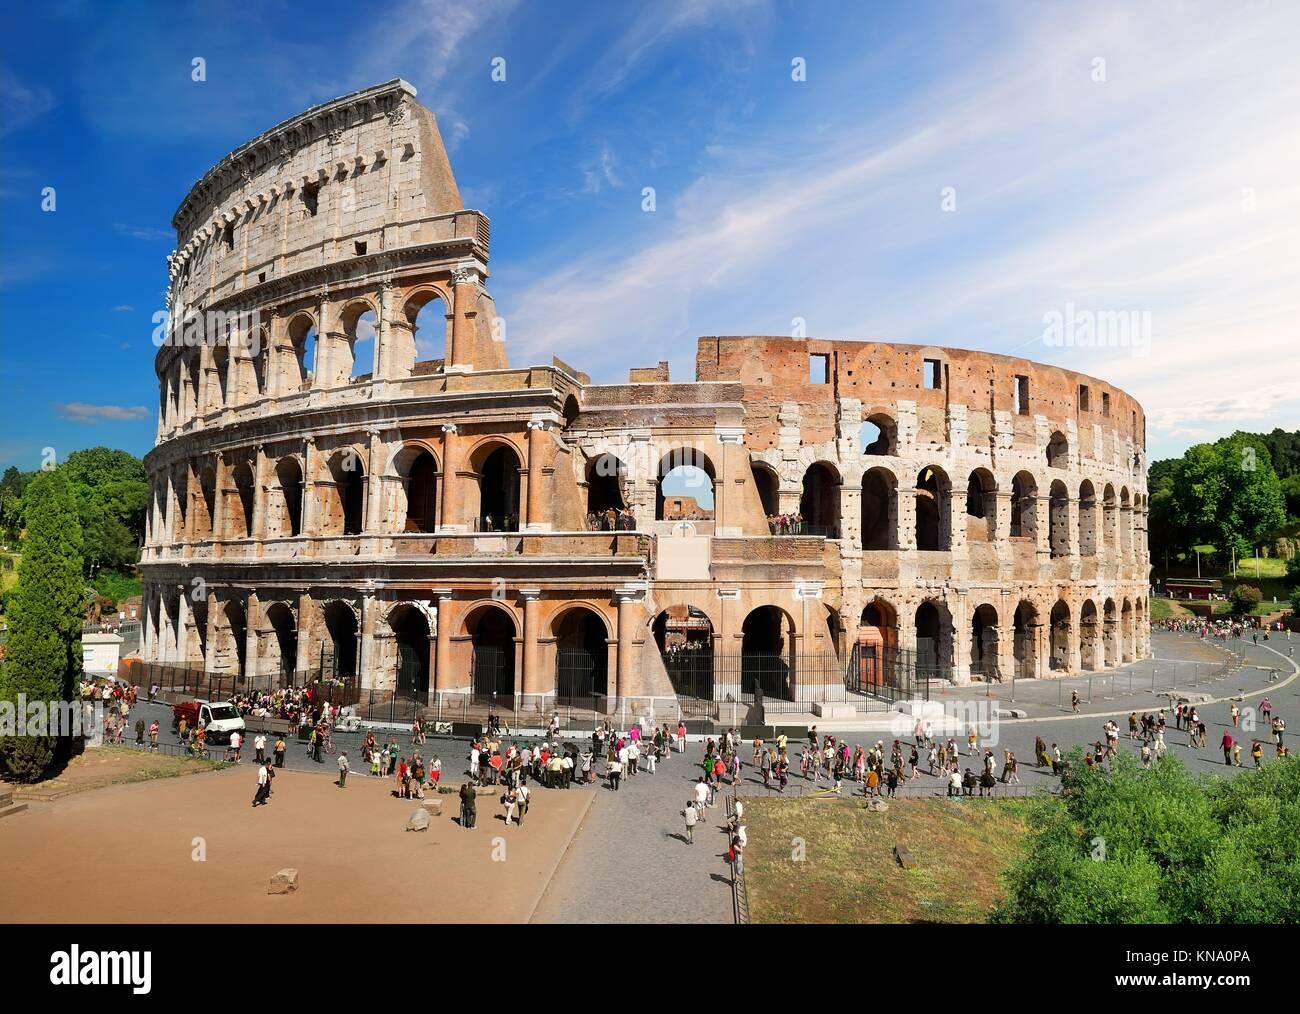 Splendido Colosseo romano nel giorno di estate, Italia. Immagini Stock